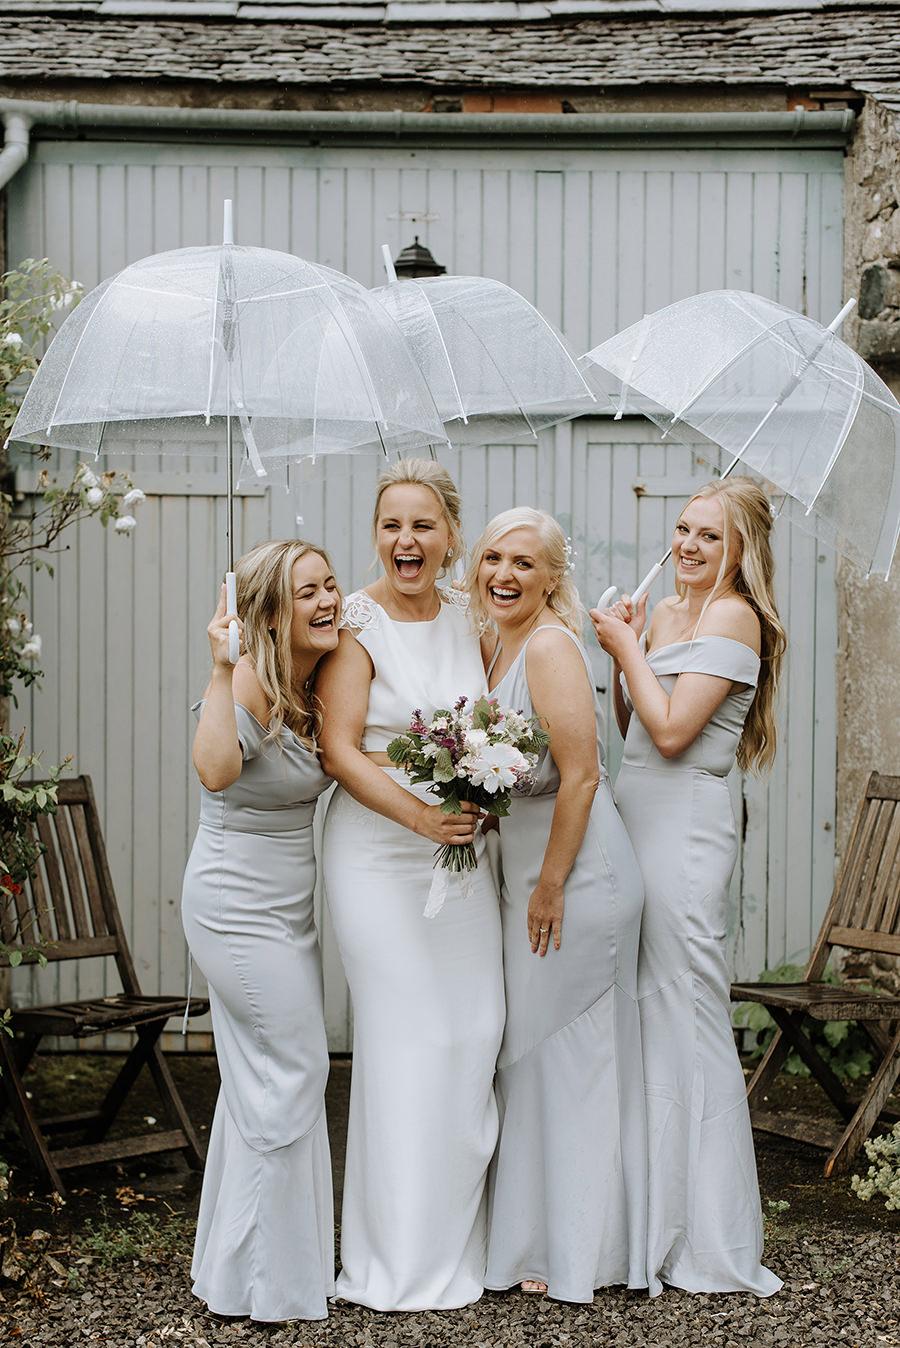 fun bride and bridesmaids shot with umbrellas